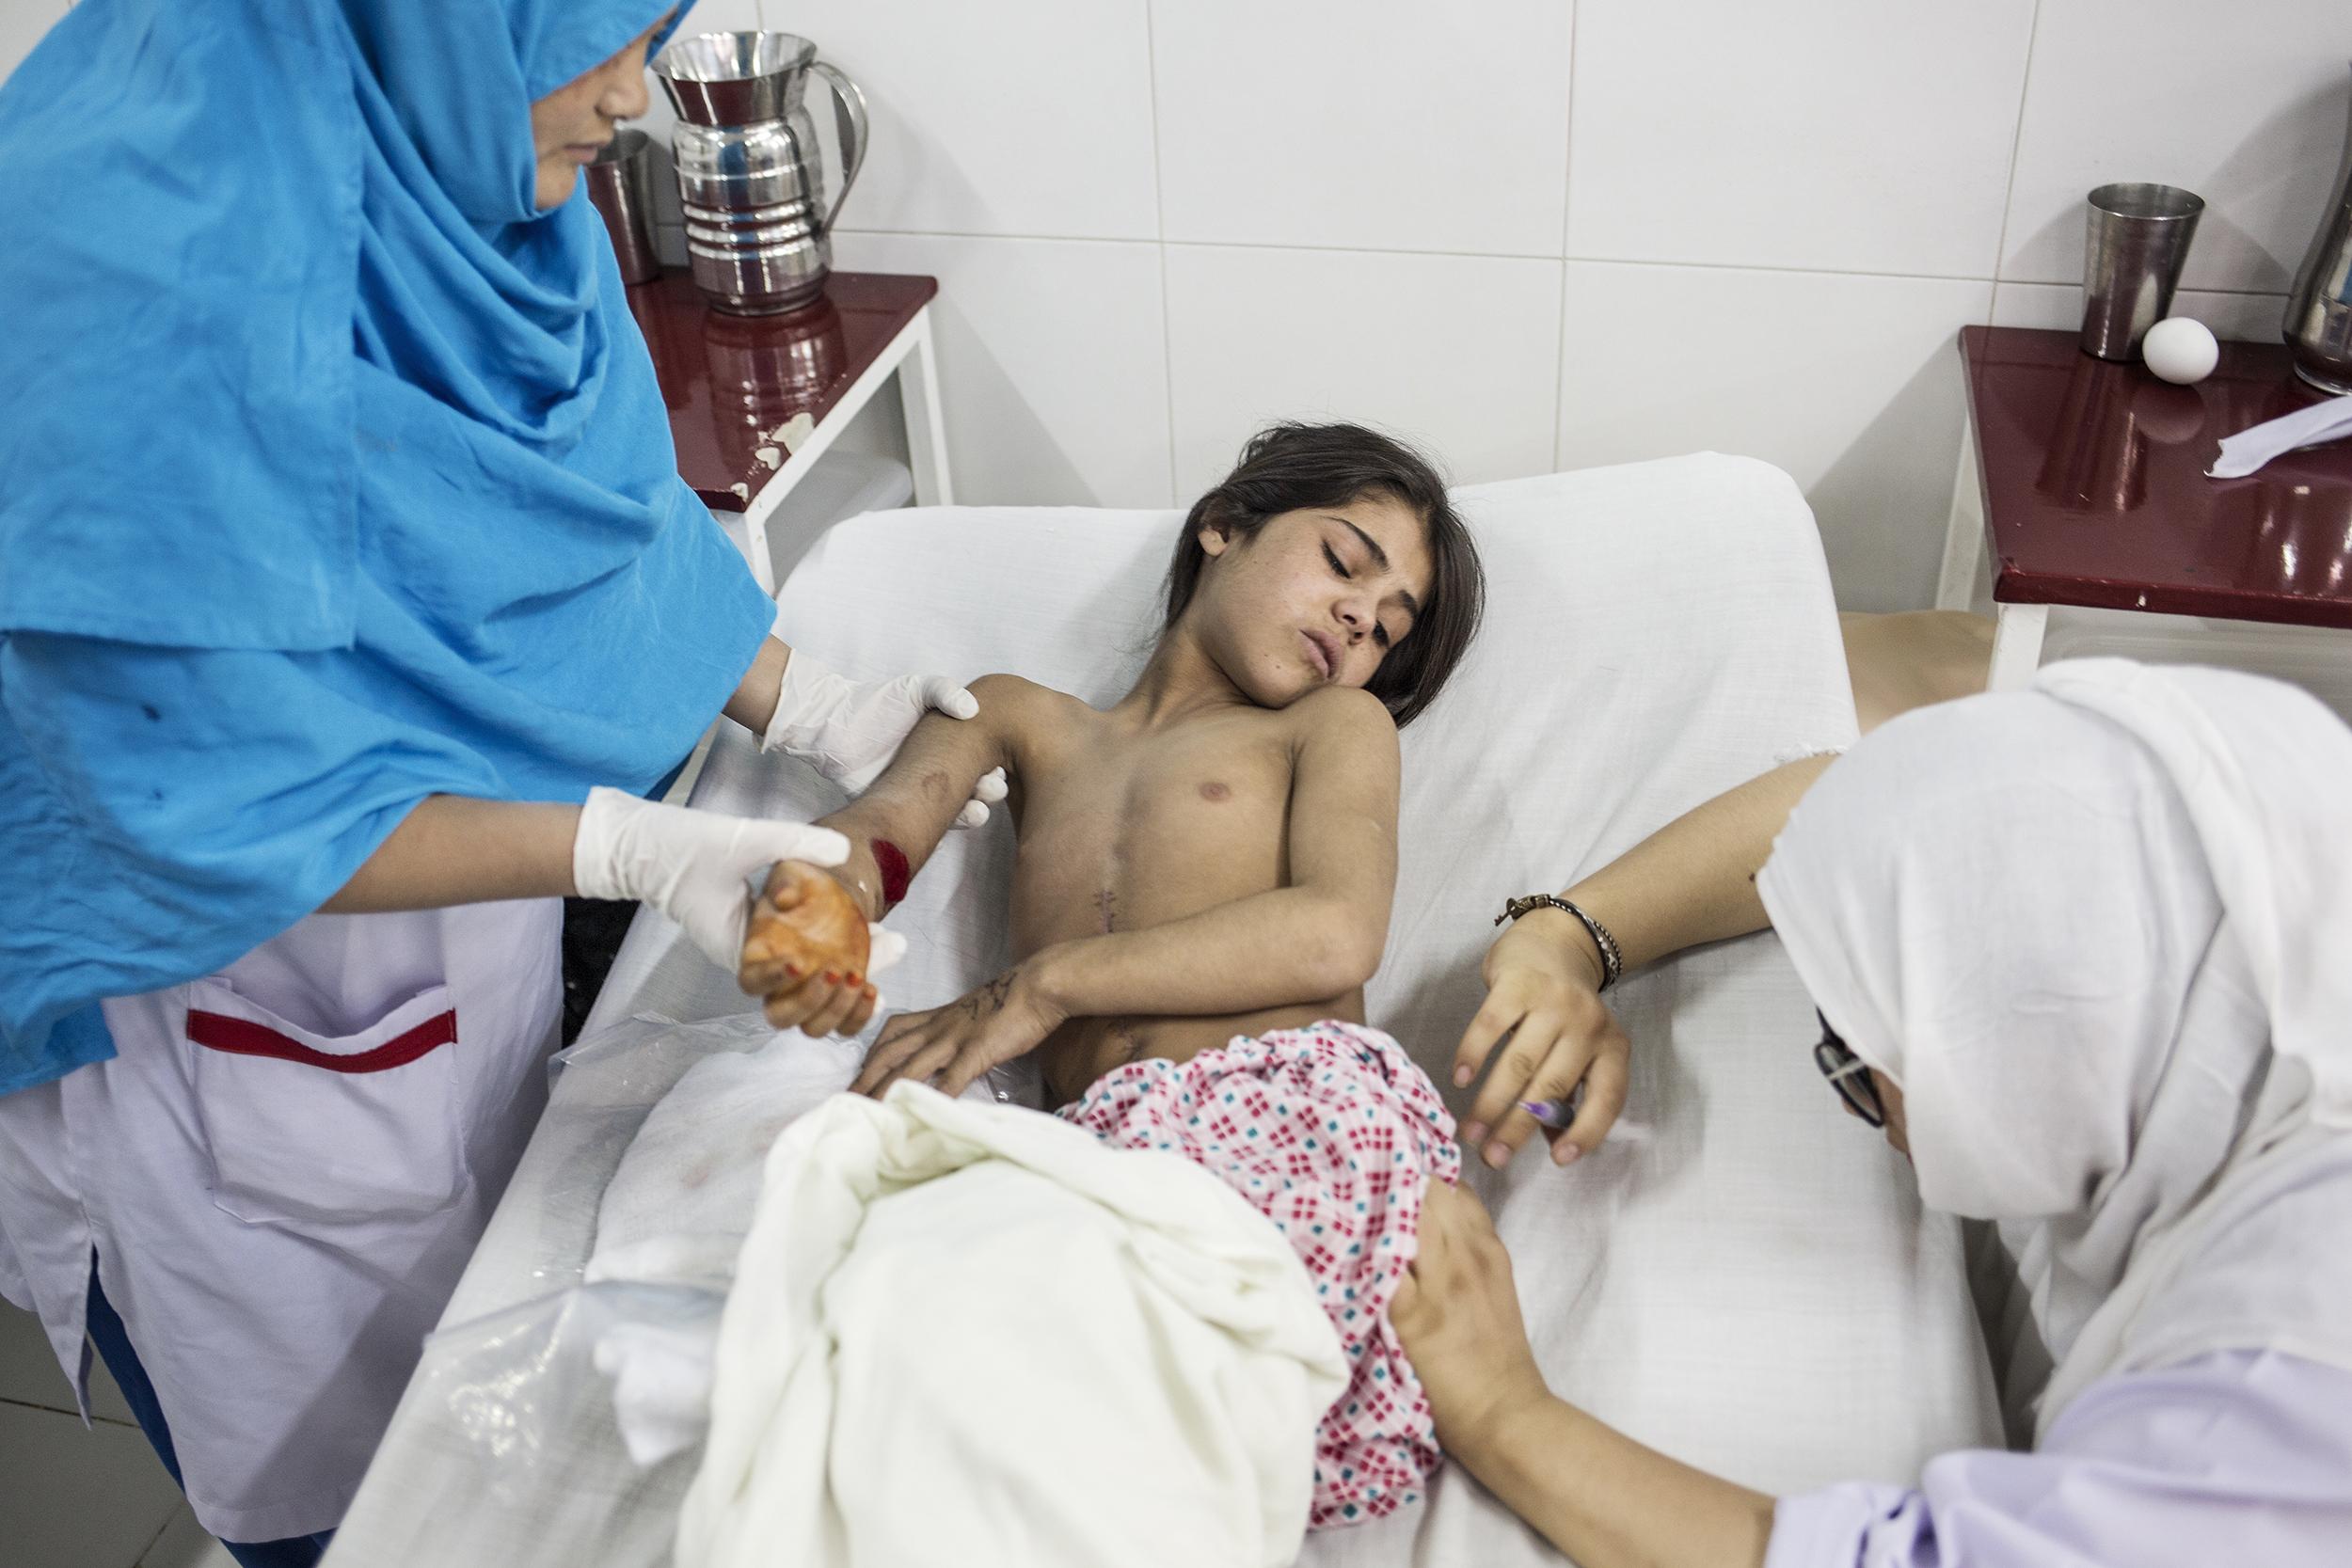 Walas Bibi mentre riceve le medicazioni giornaliere all'ospedale di EMERGENCY